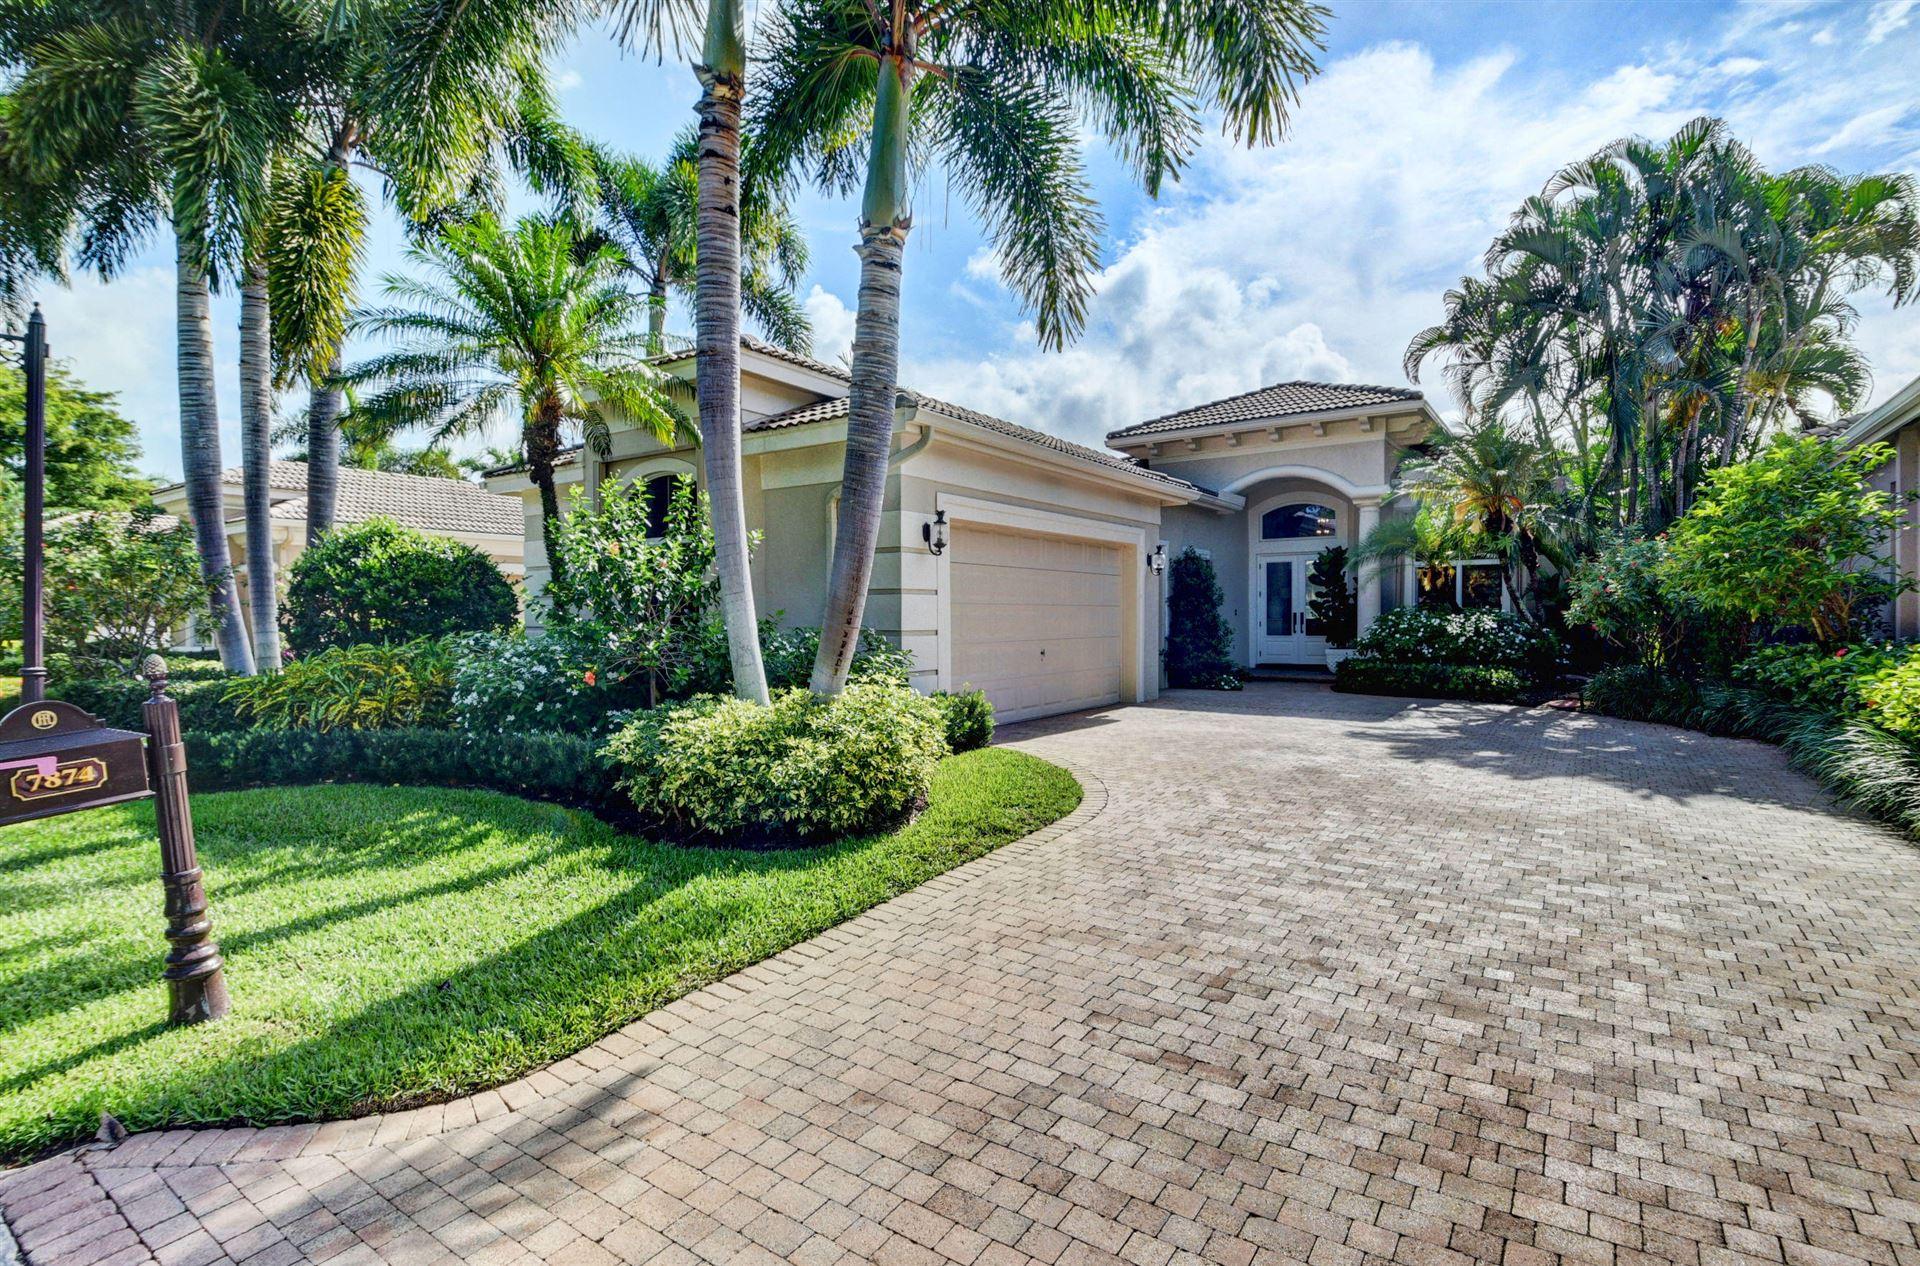 7874 Villa D Este Way, Delray Beach, FL 33446 - #: RX-10624827